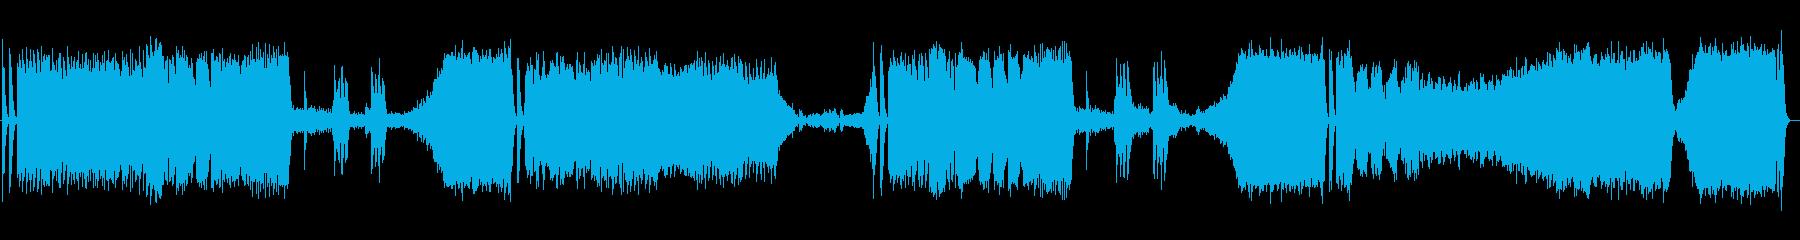 美しく勢いのあるシンセサイザーサウンドの再生済みの波形